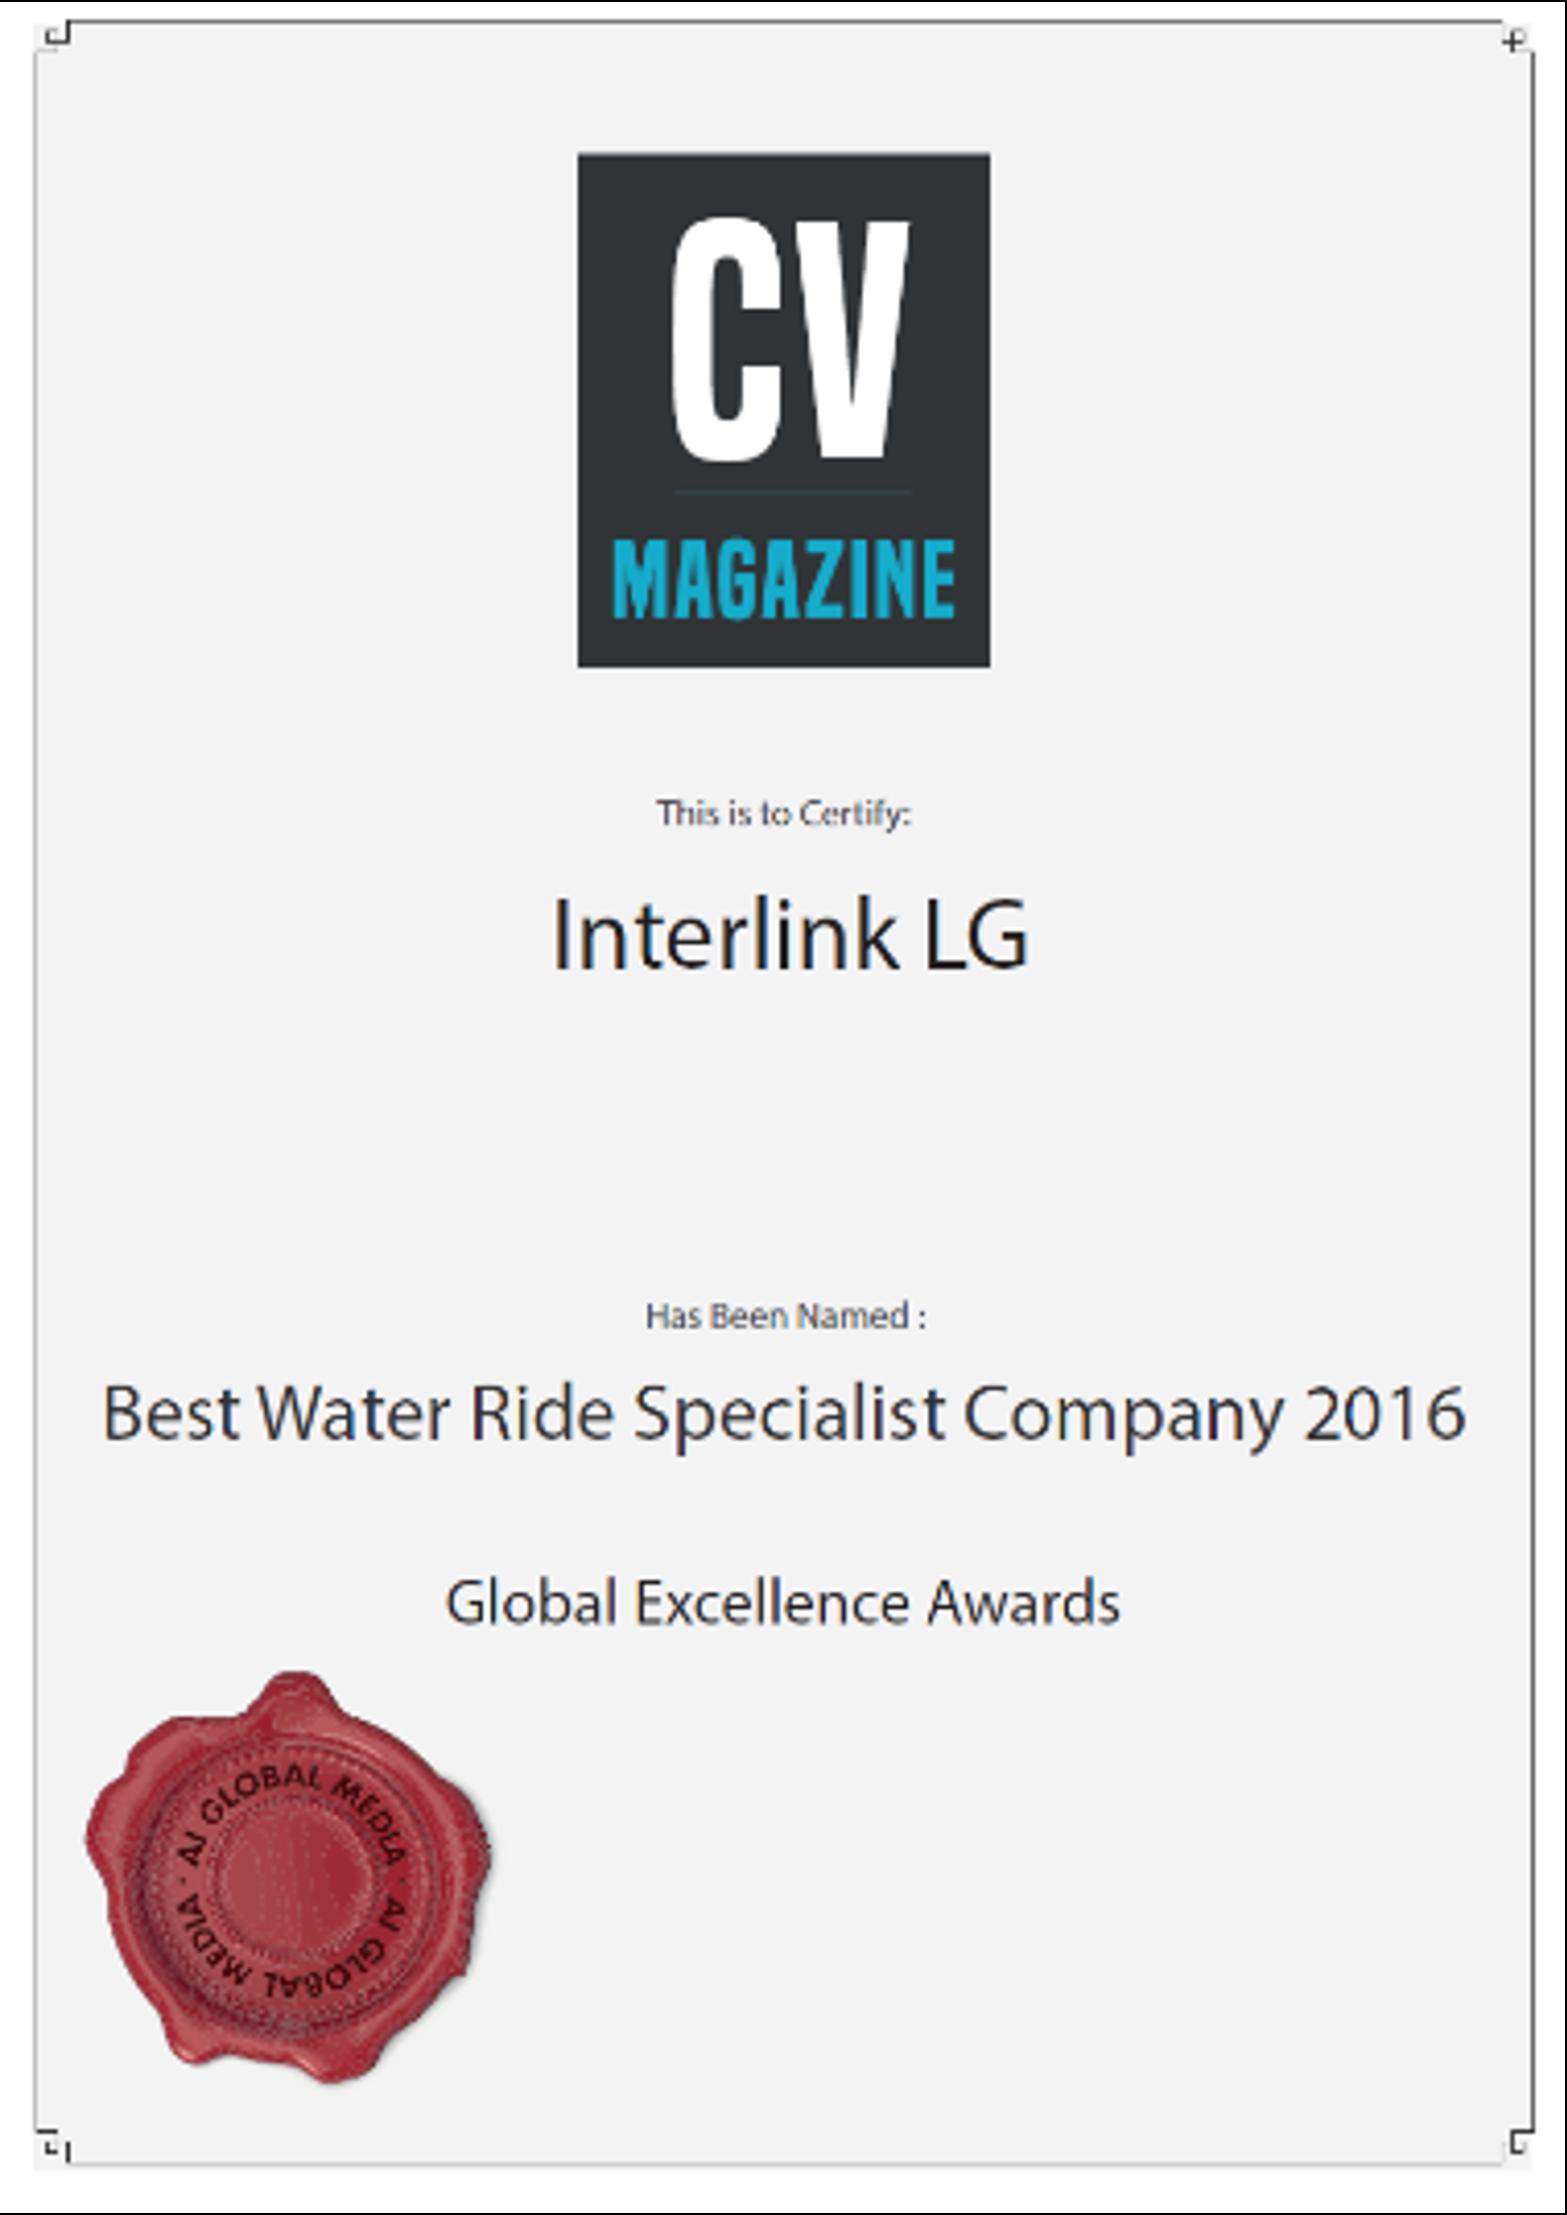 Interlink Best Water Ride Specialist 2016 CV magazine Certificate